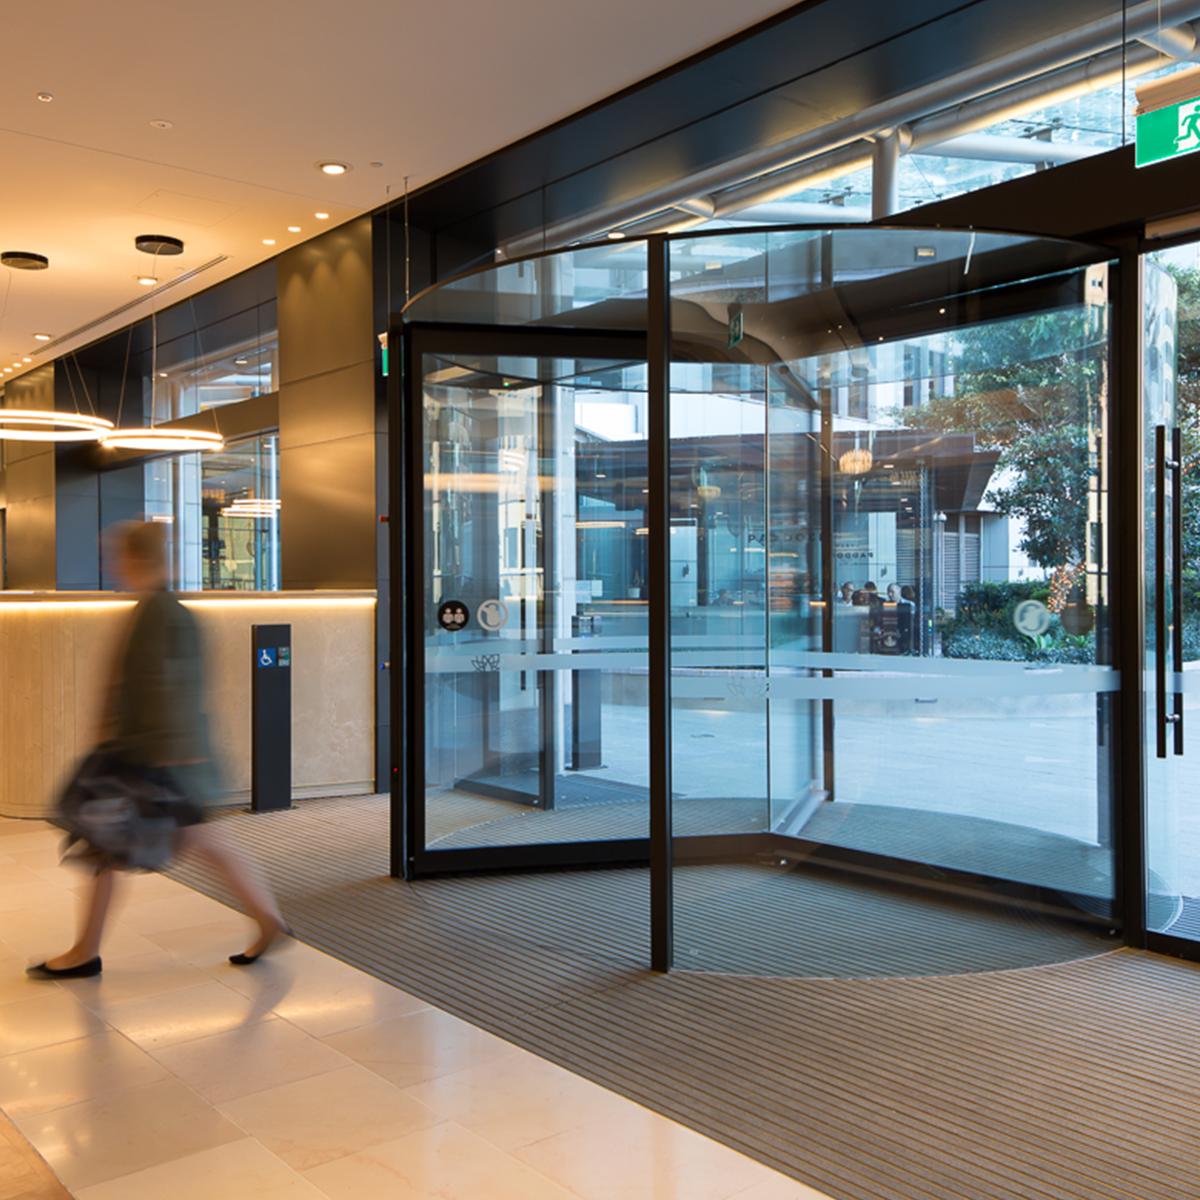 Dorma Ktv Atrium Plus Revolving Door Clear By Design